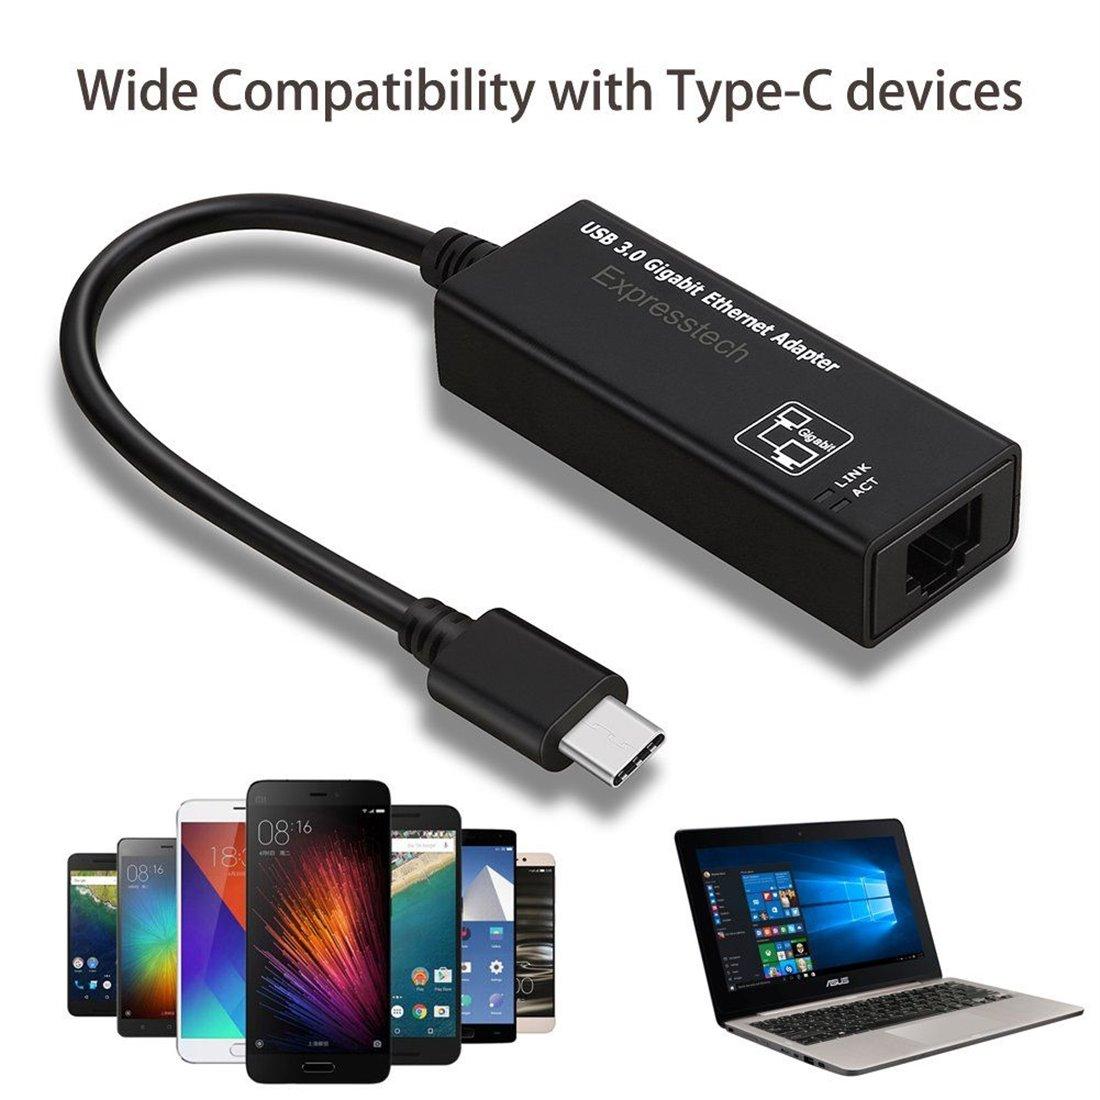 Expresstech @ Adaptateur USB C 3.1 Type C (USB-C) vers RJ45 Gigabit Ethernet Lan Réseau pour New MacBook, Chromebook Pixel, W